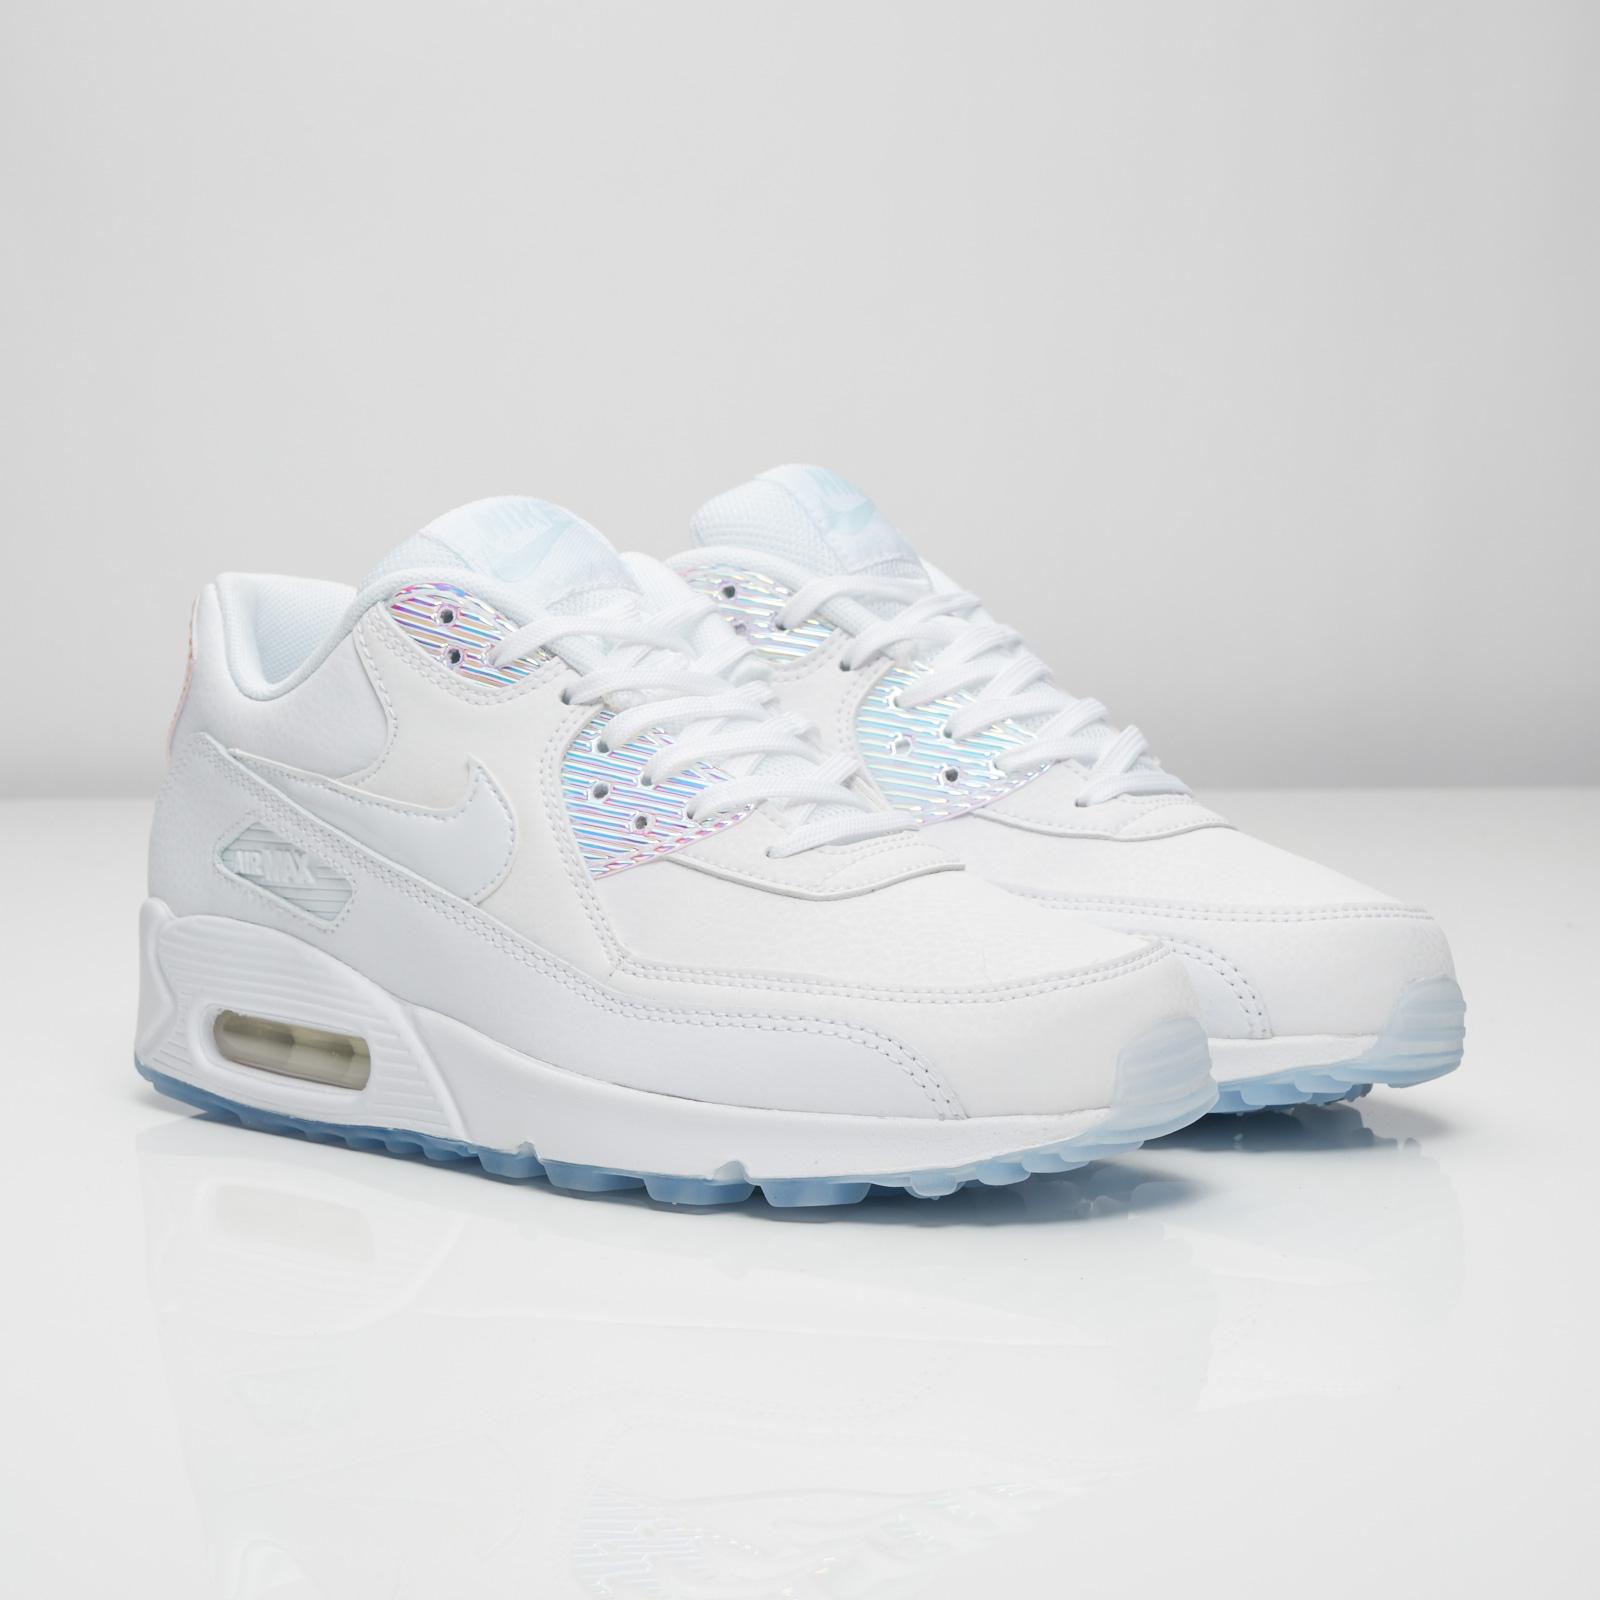 buy online de81a 8e8de Nike Wmns Air Max 90 Premium